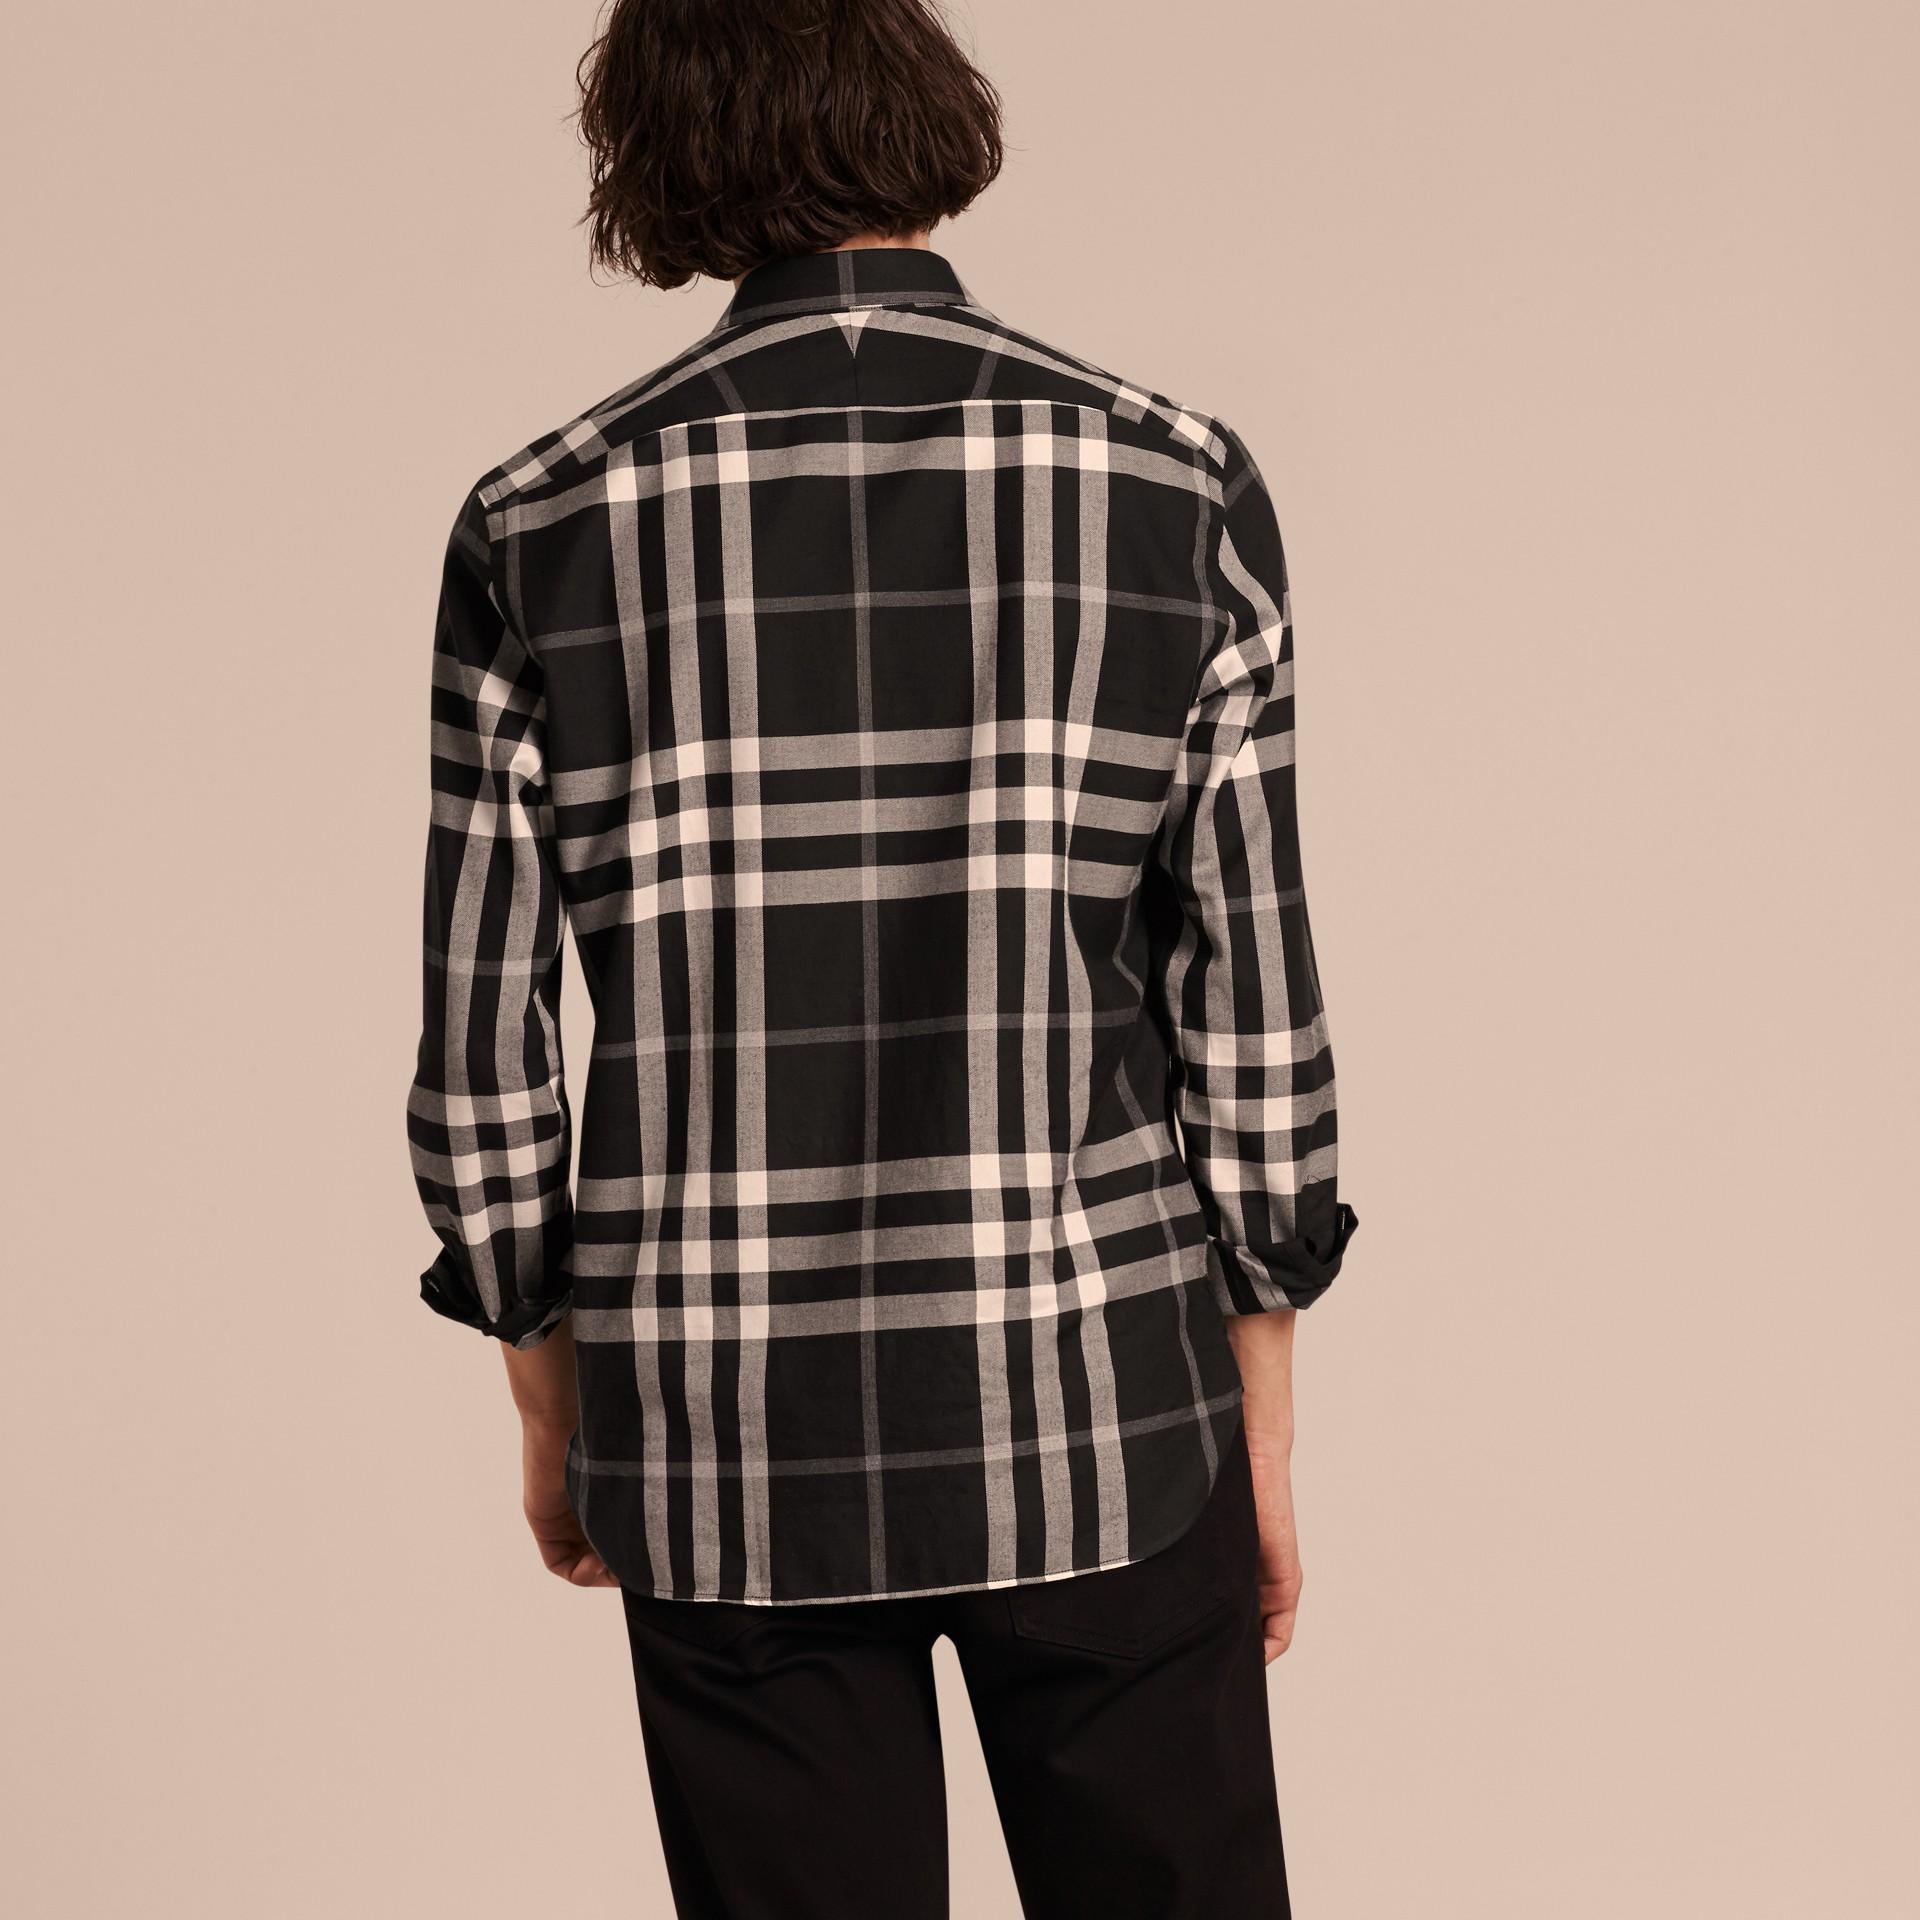 Negro Camisa a cuadros en franela de algodón y cachemir Negro - imagen de la galería 3